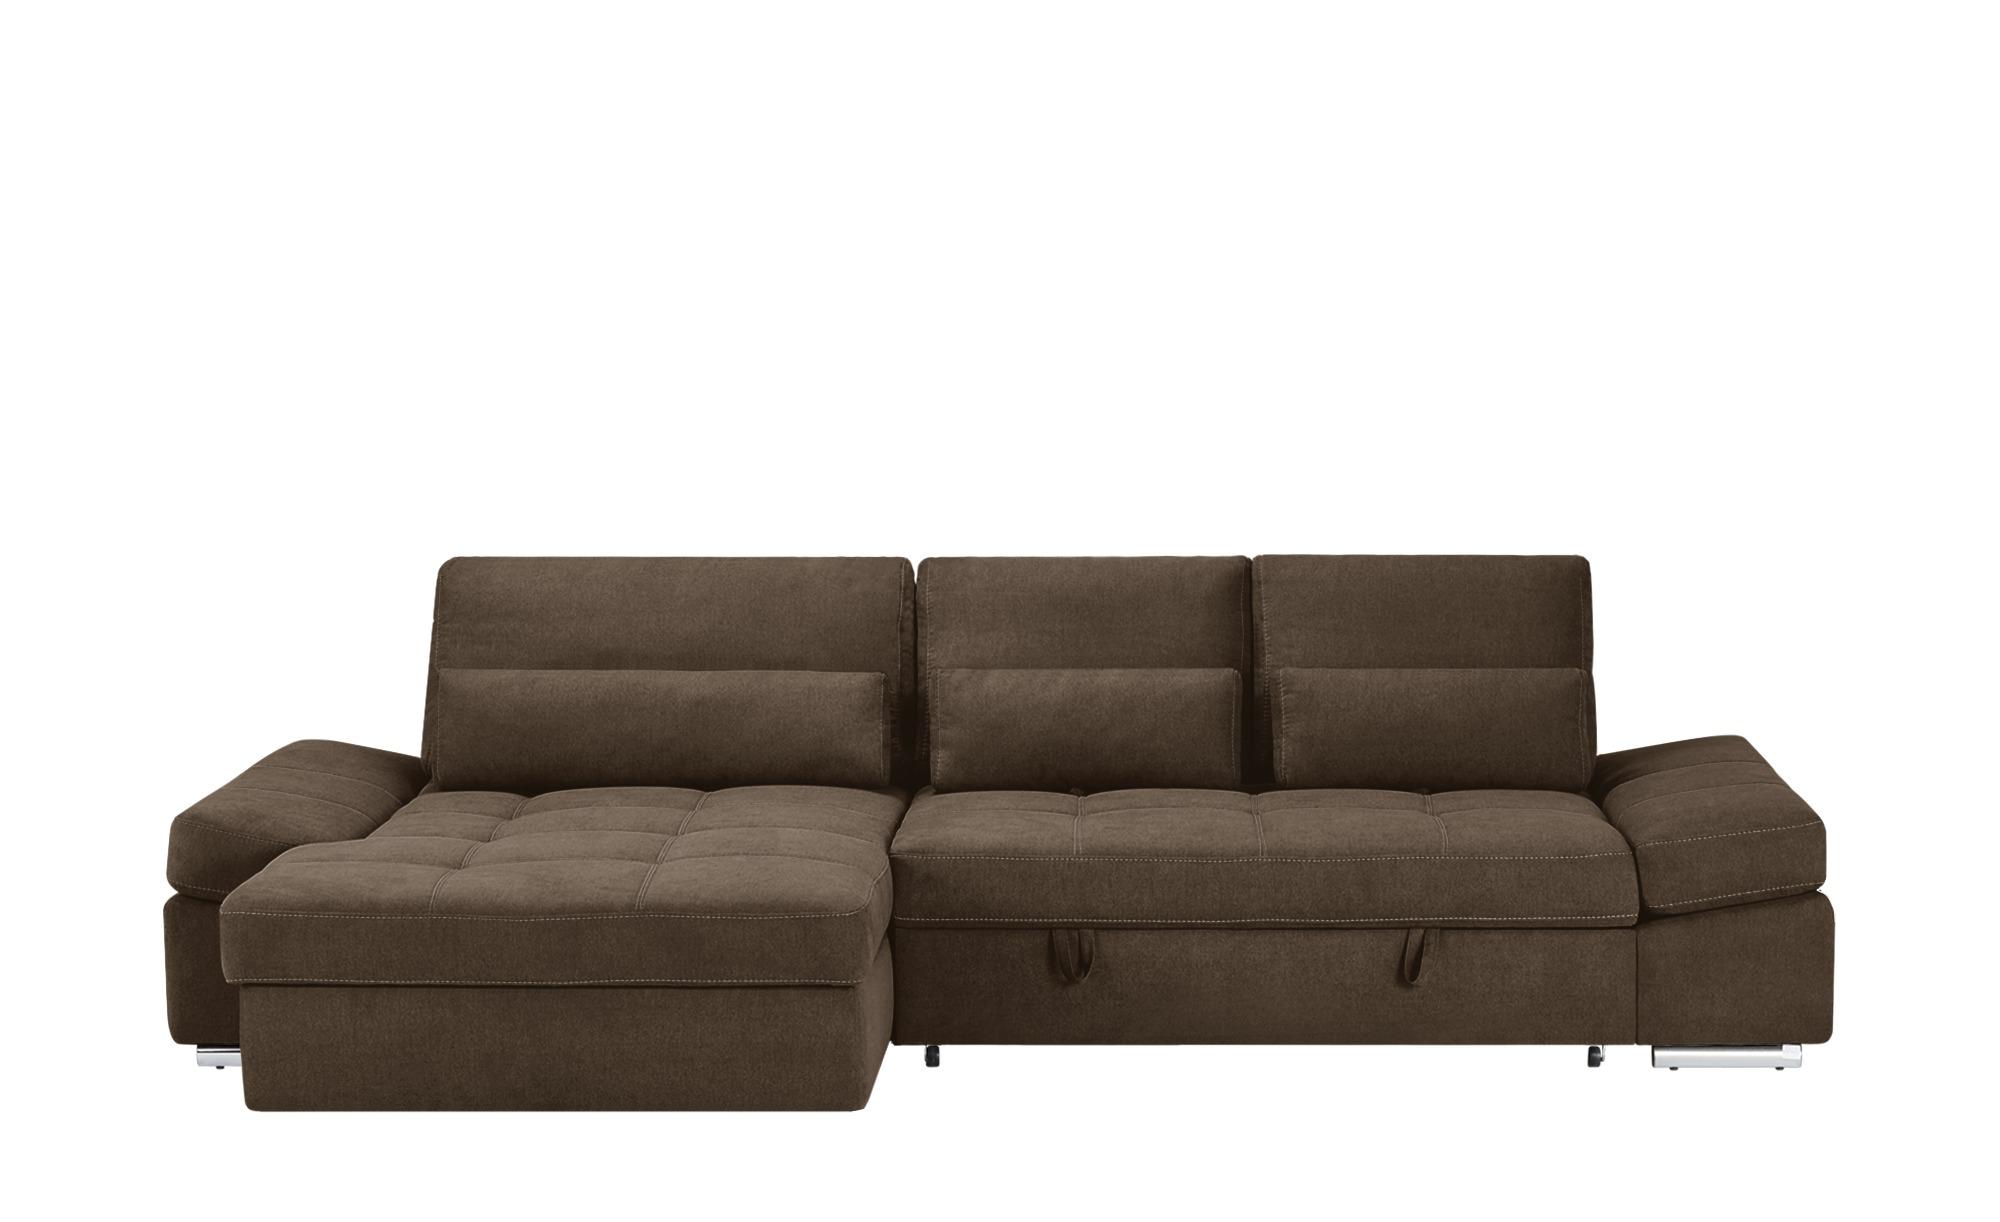 Ecksofa hudson breite h he 95 cm braun online kaufen bei for Ecksofa breite 200 cm